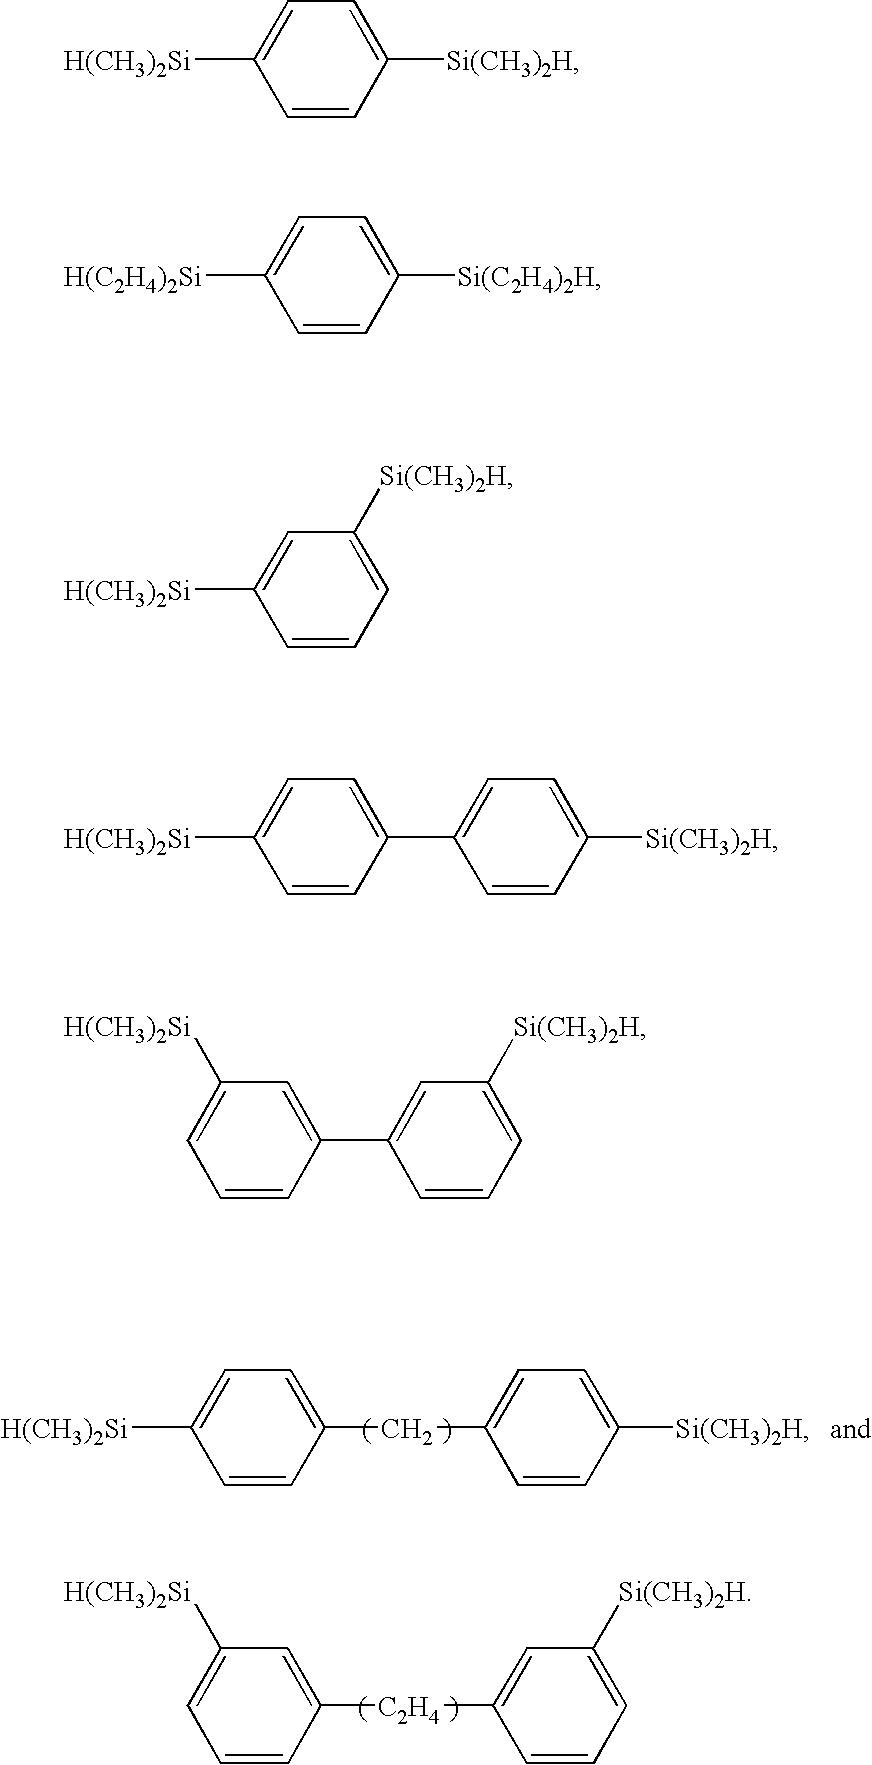 Figure US20100086760A1-20100408-C00002